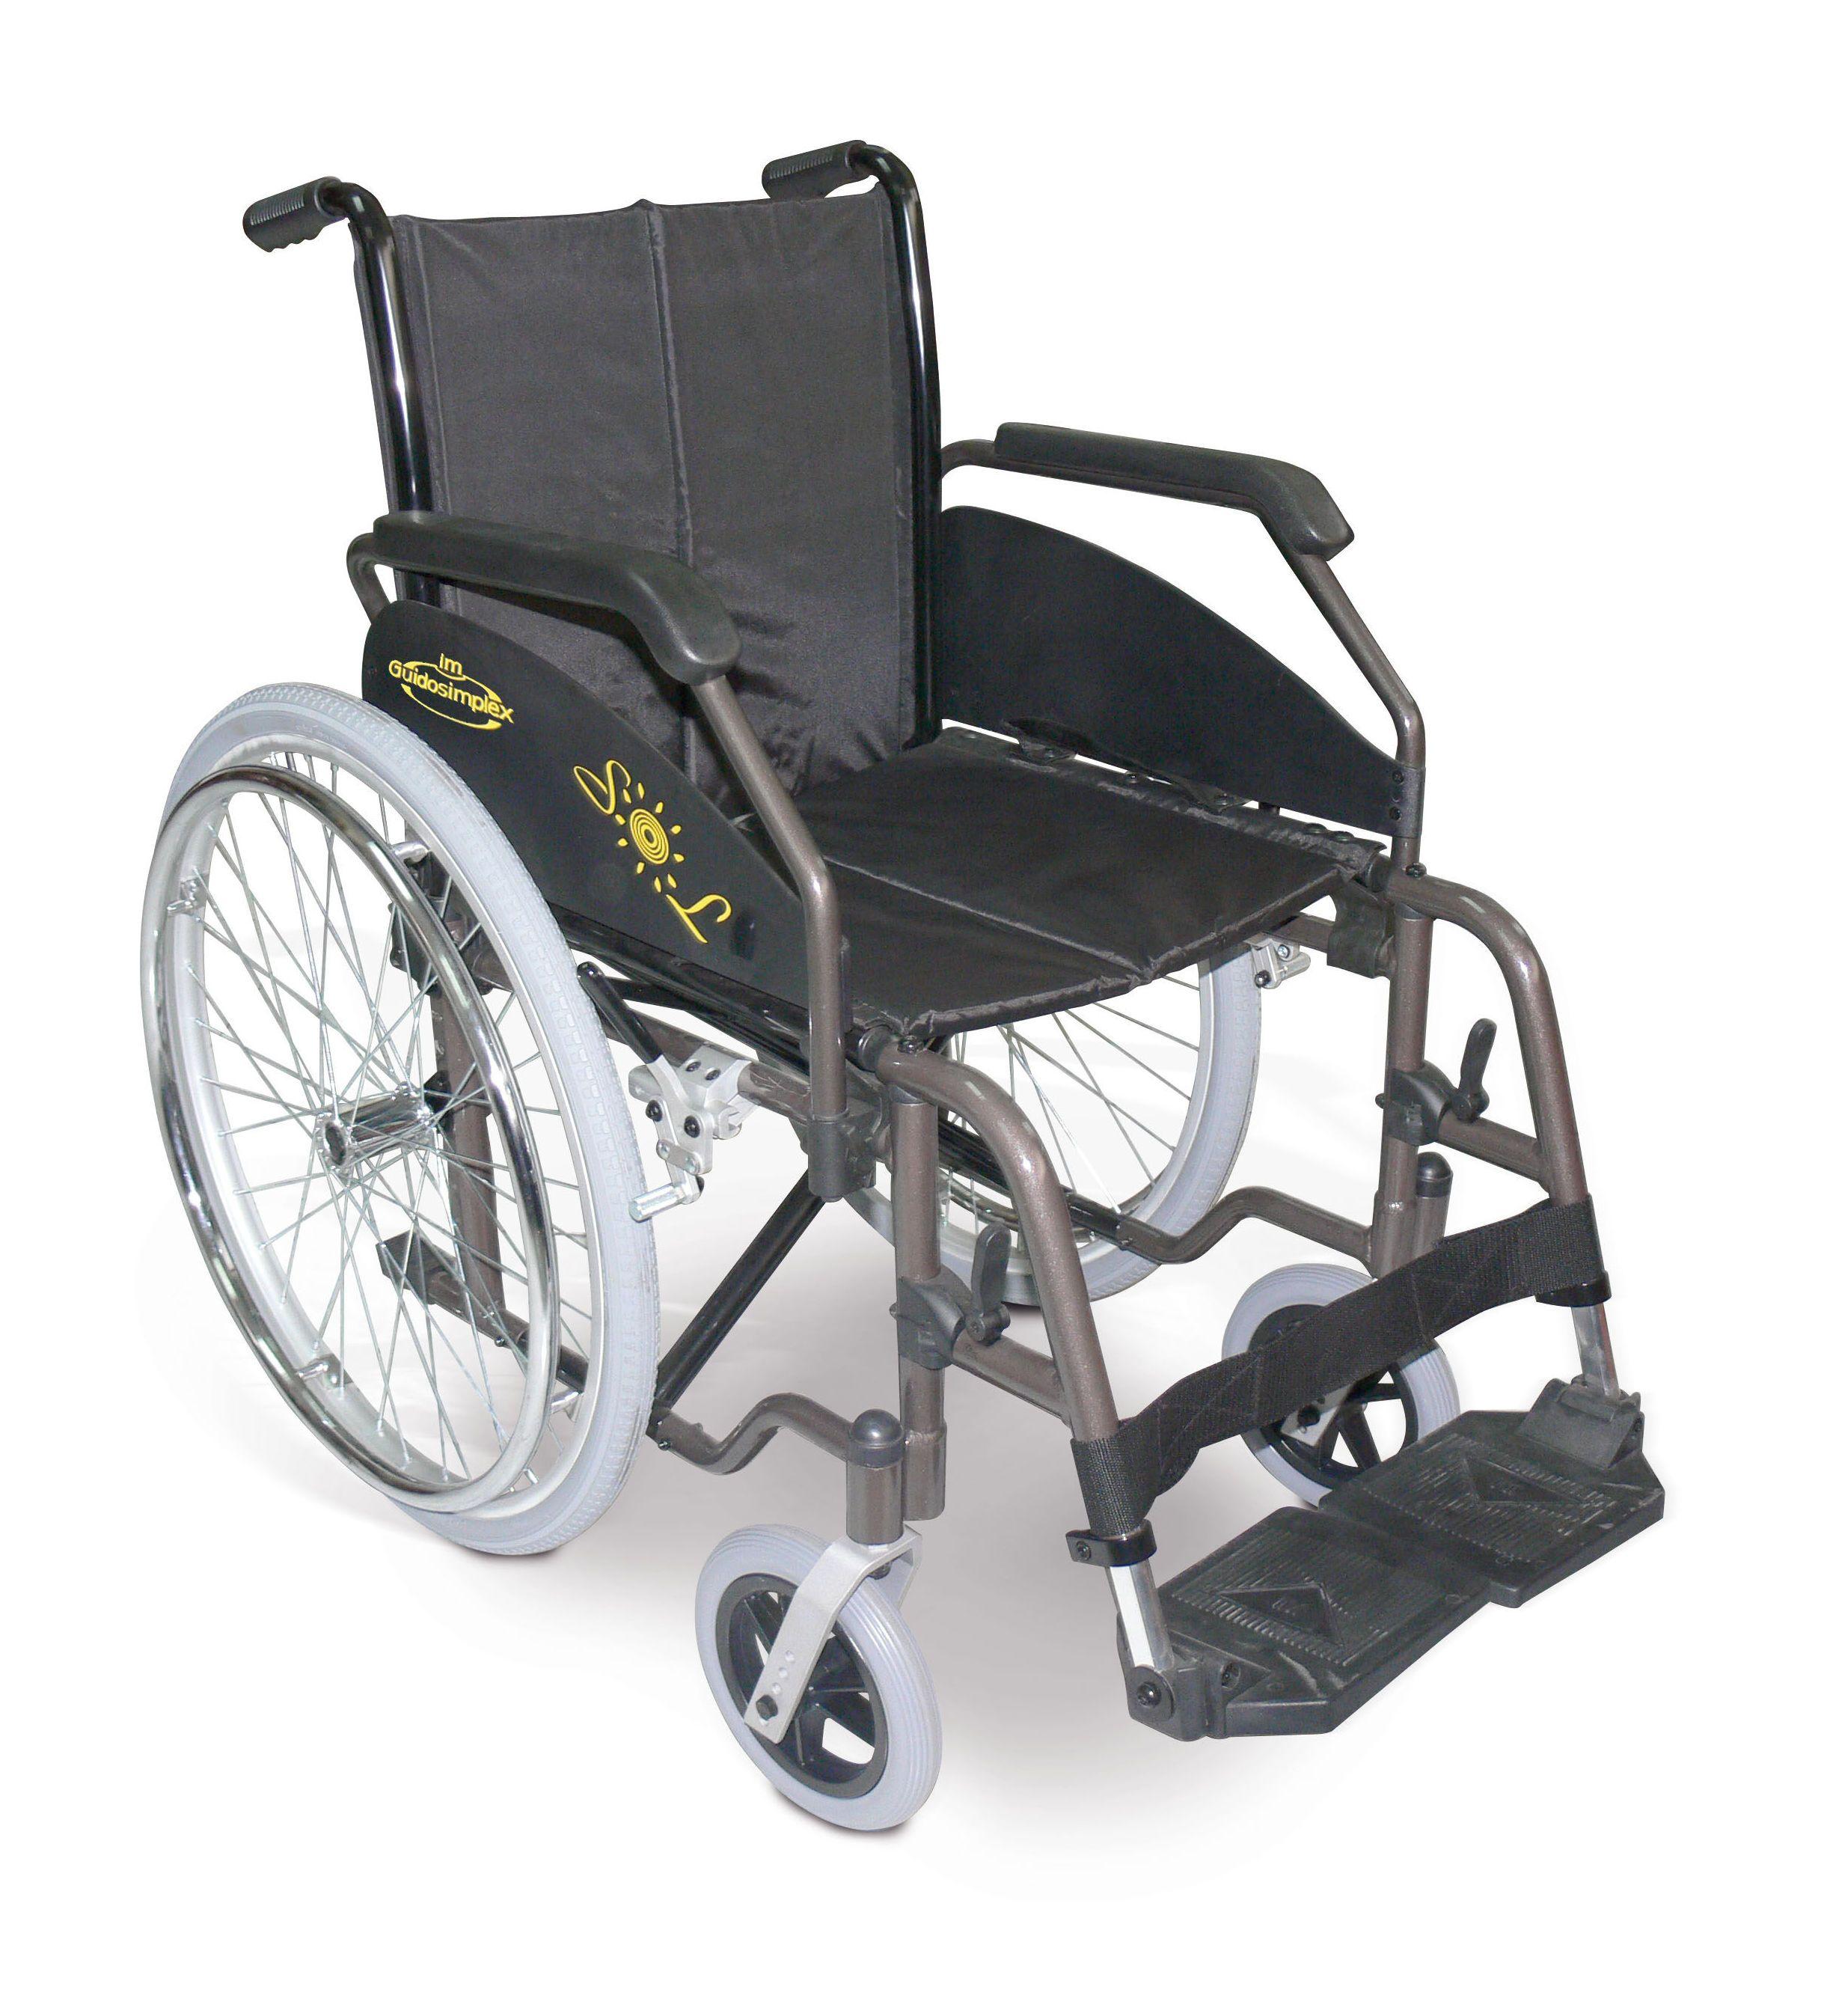 alquiler de silla de ruedas precio  Las sillas de ruedas